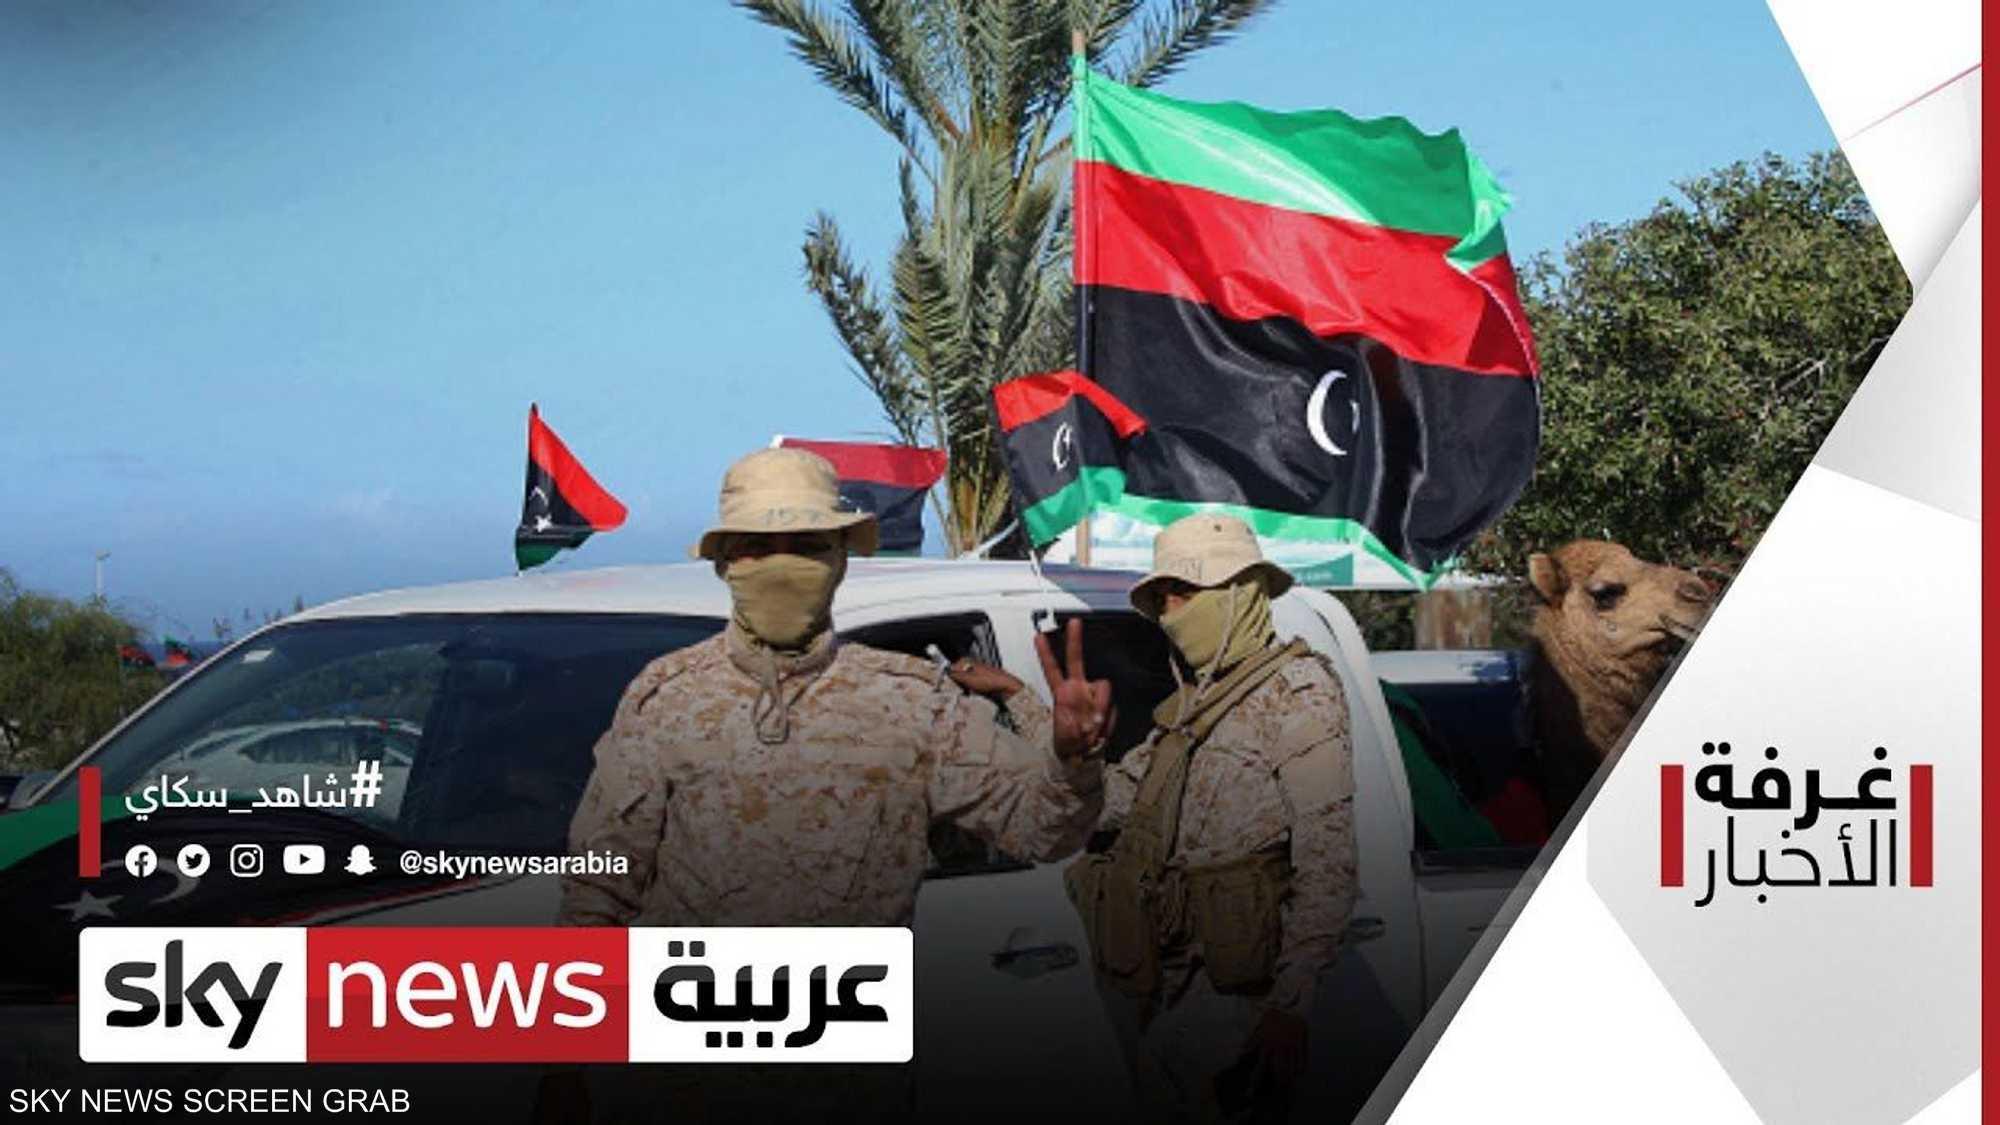 أزمة ليبيا.. معضلة المسلحين الأجانب والانسحاب المطلوب